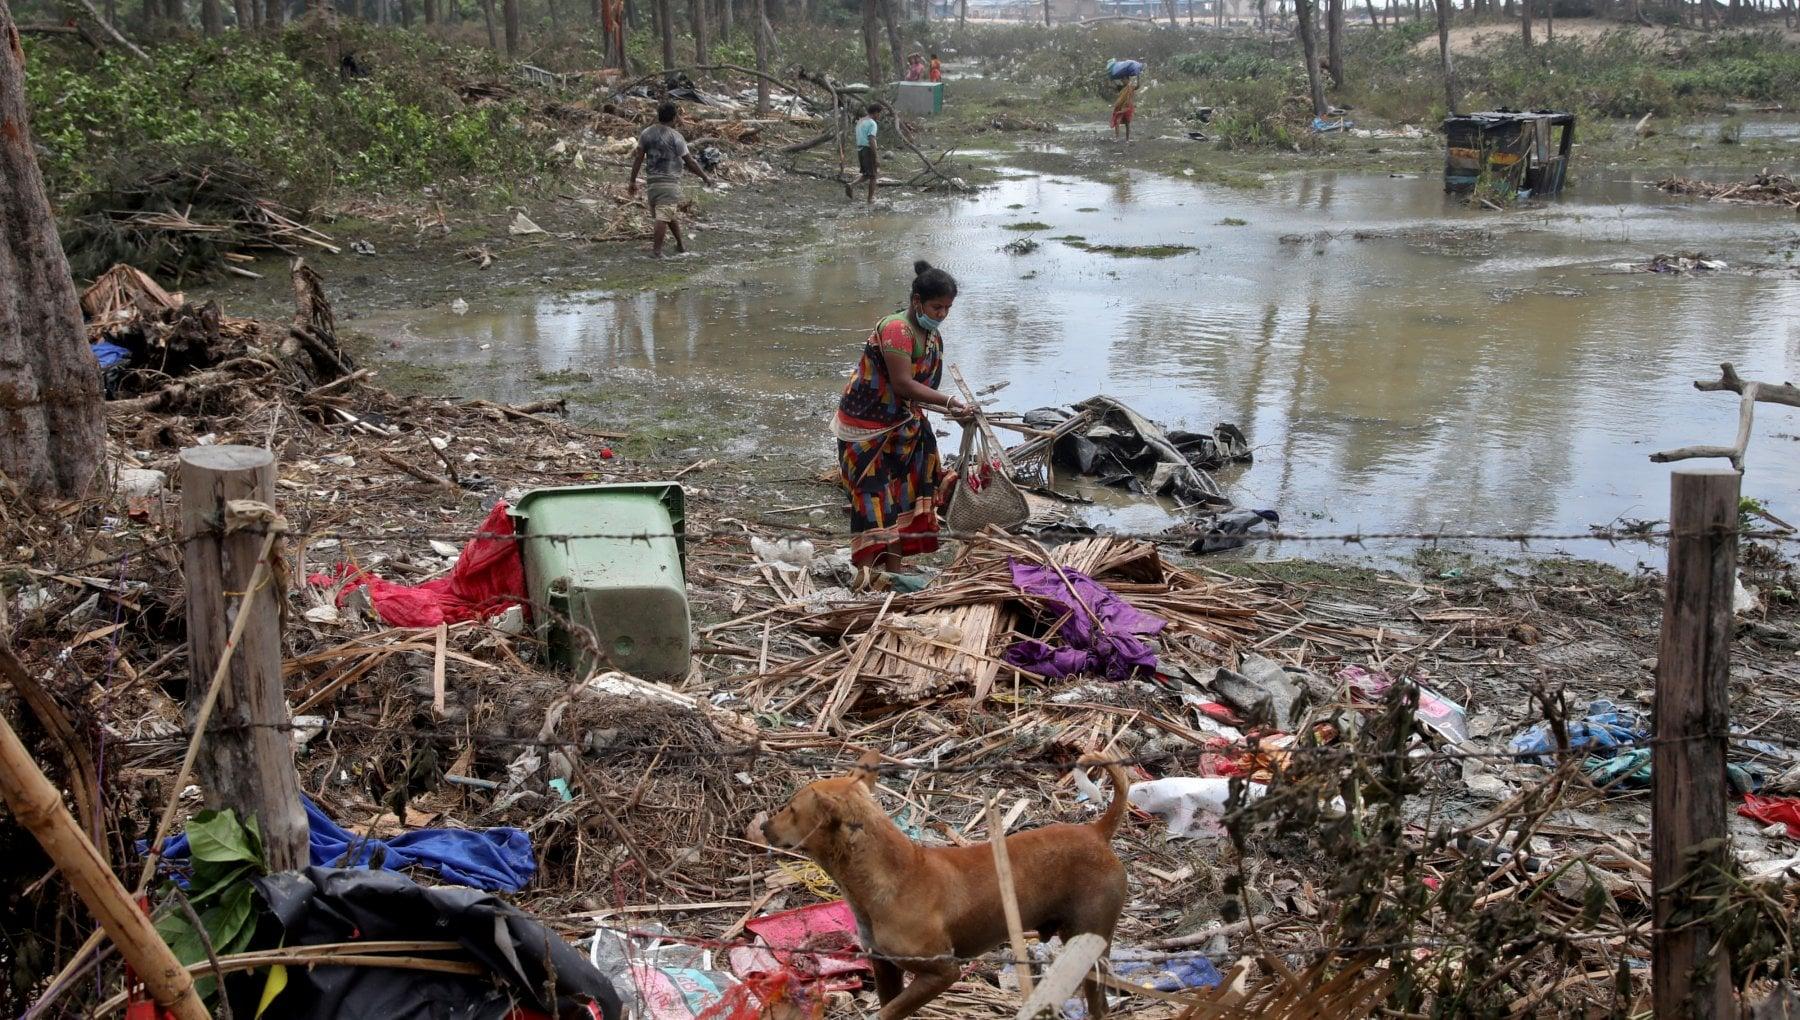 074254658 396f98a4 e96f 4ea1 8fca 70505a43ef78 - Coronavirus nel mondo, il Vietnam scopre nuova variante. In India rallentano i nuovi casi